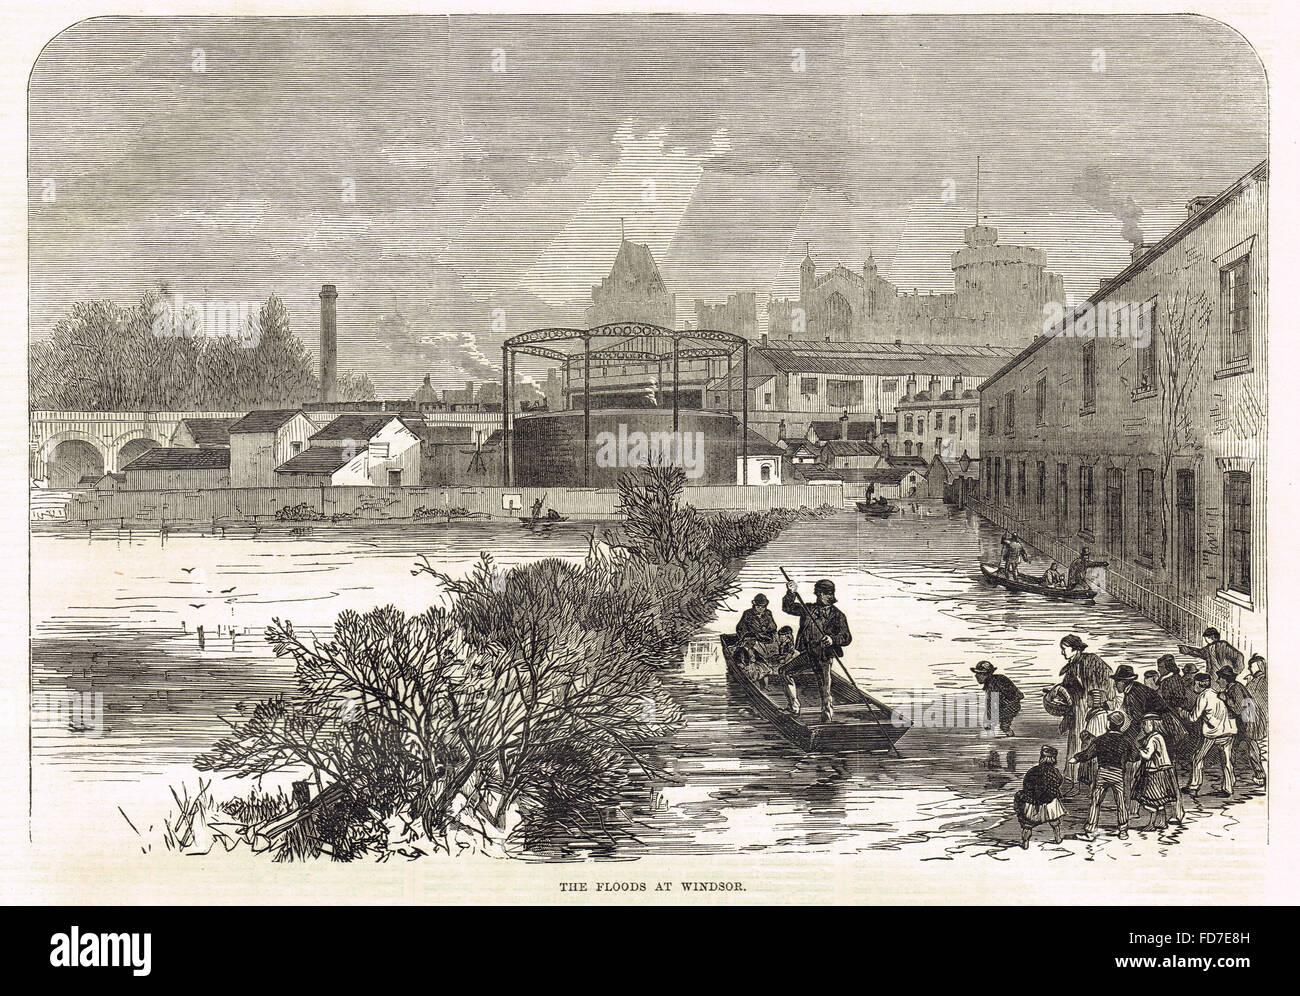 River Thames floods at Windsor in 1869 - Stock Image